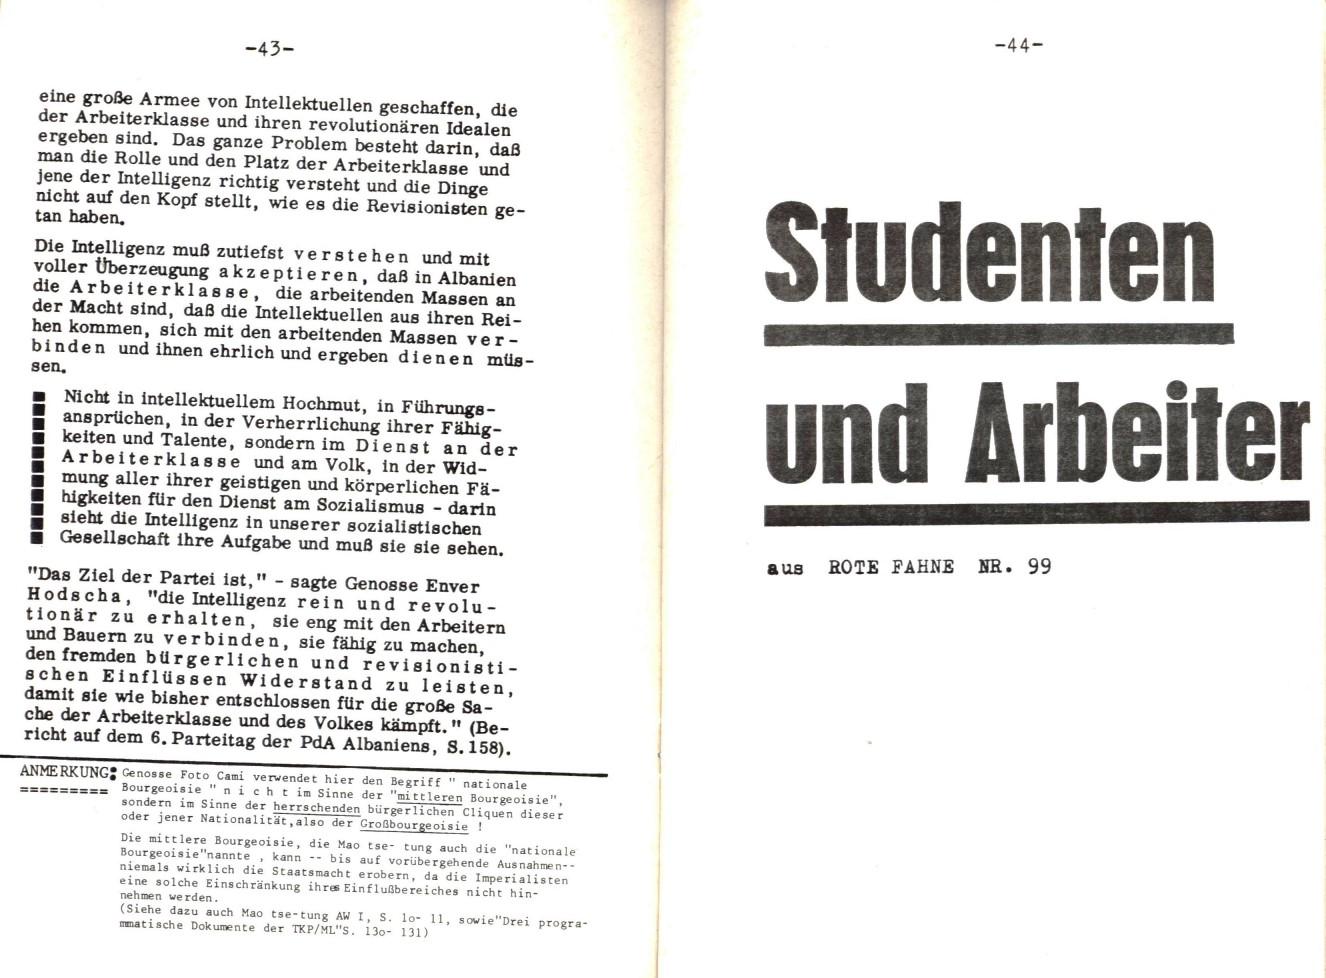 MLSK_Theorie_und_Praxis_des_ML_1978_23_25